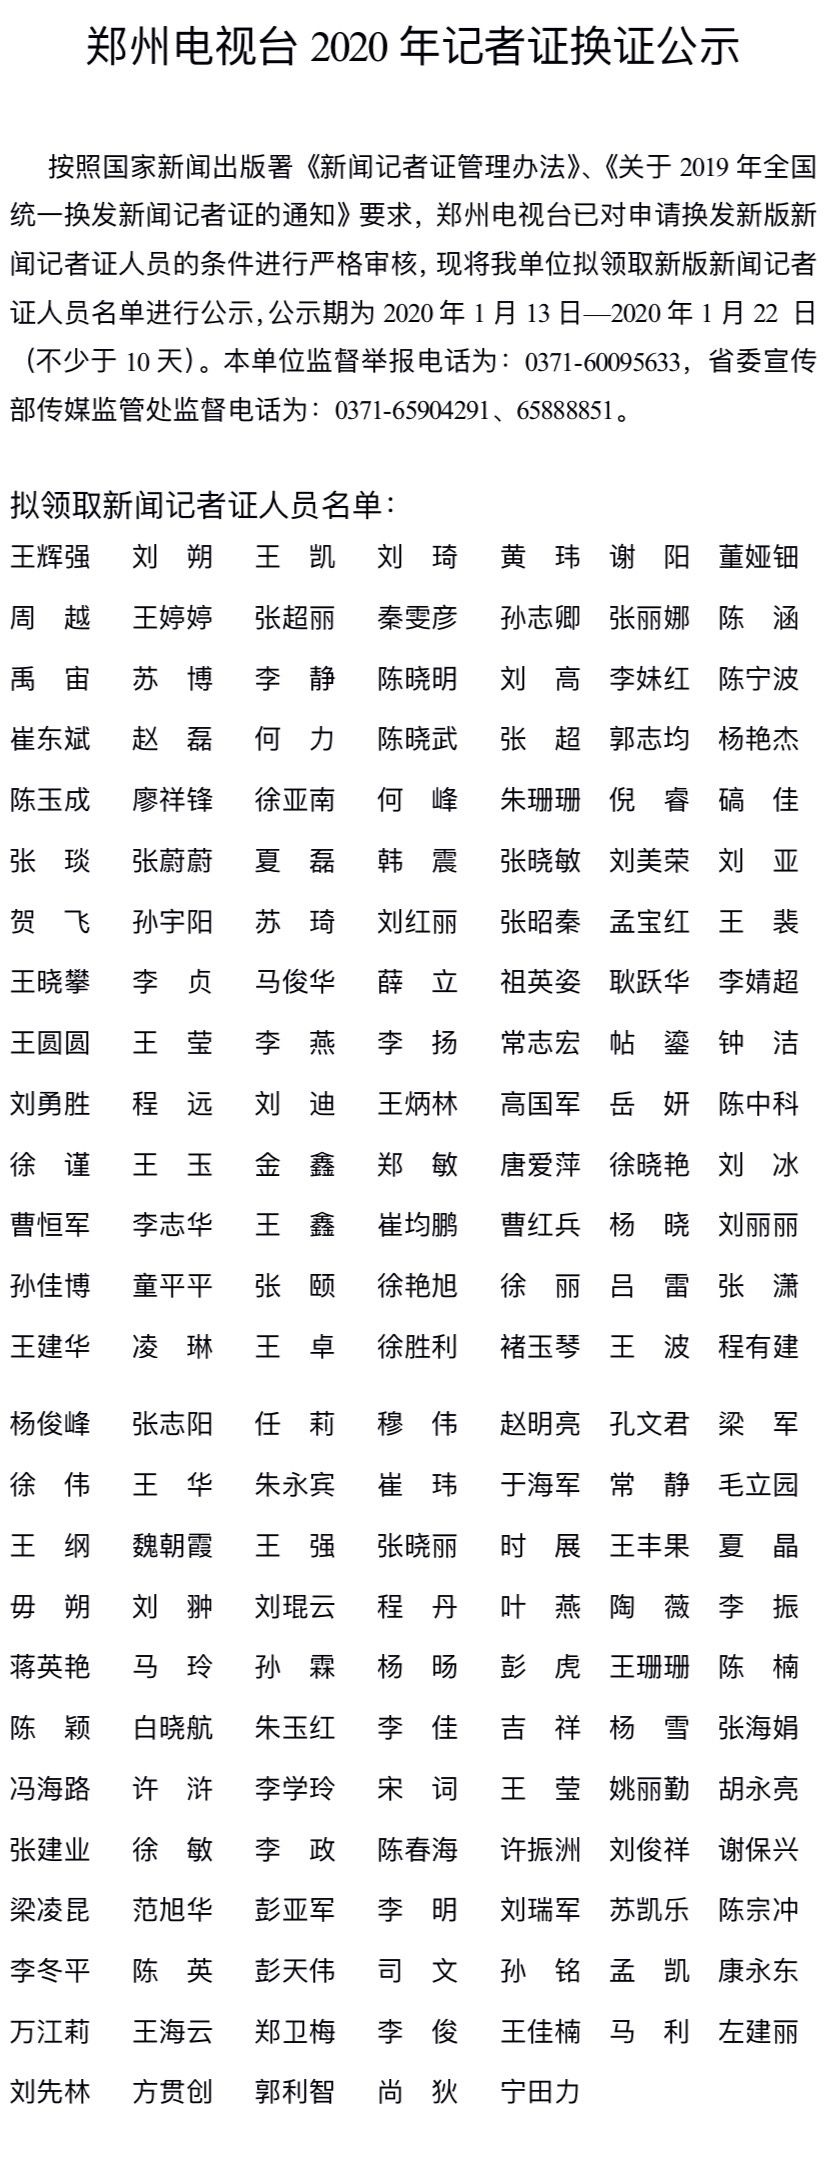 郑州电视台2020年记者证换证公示